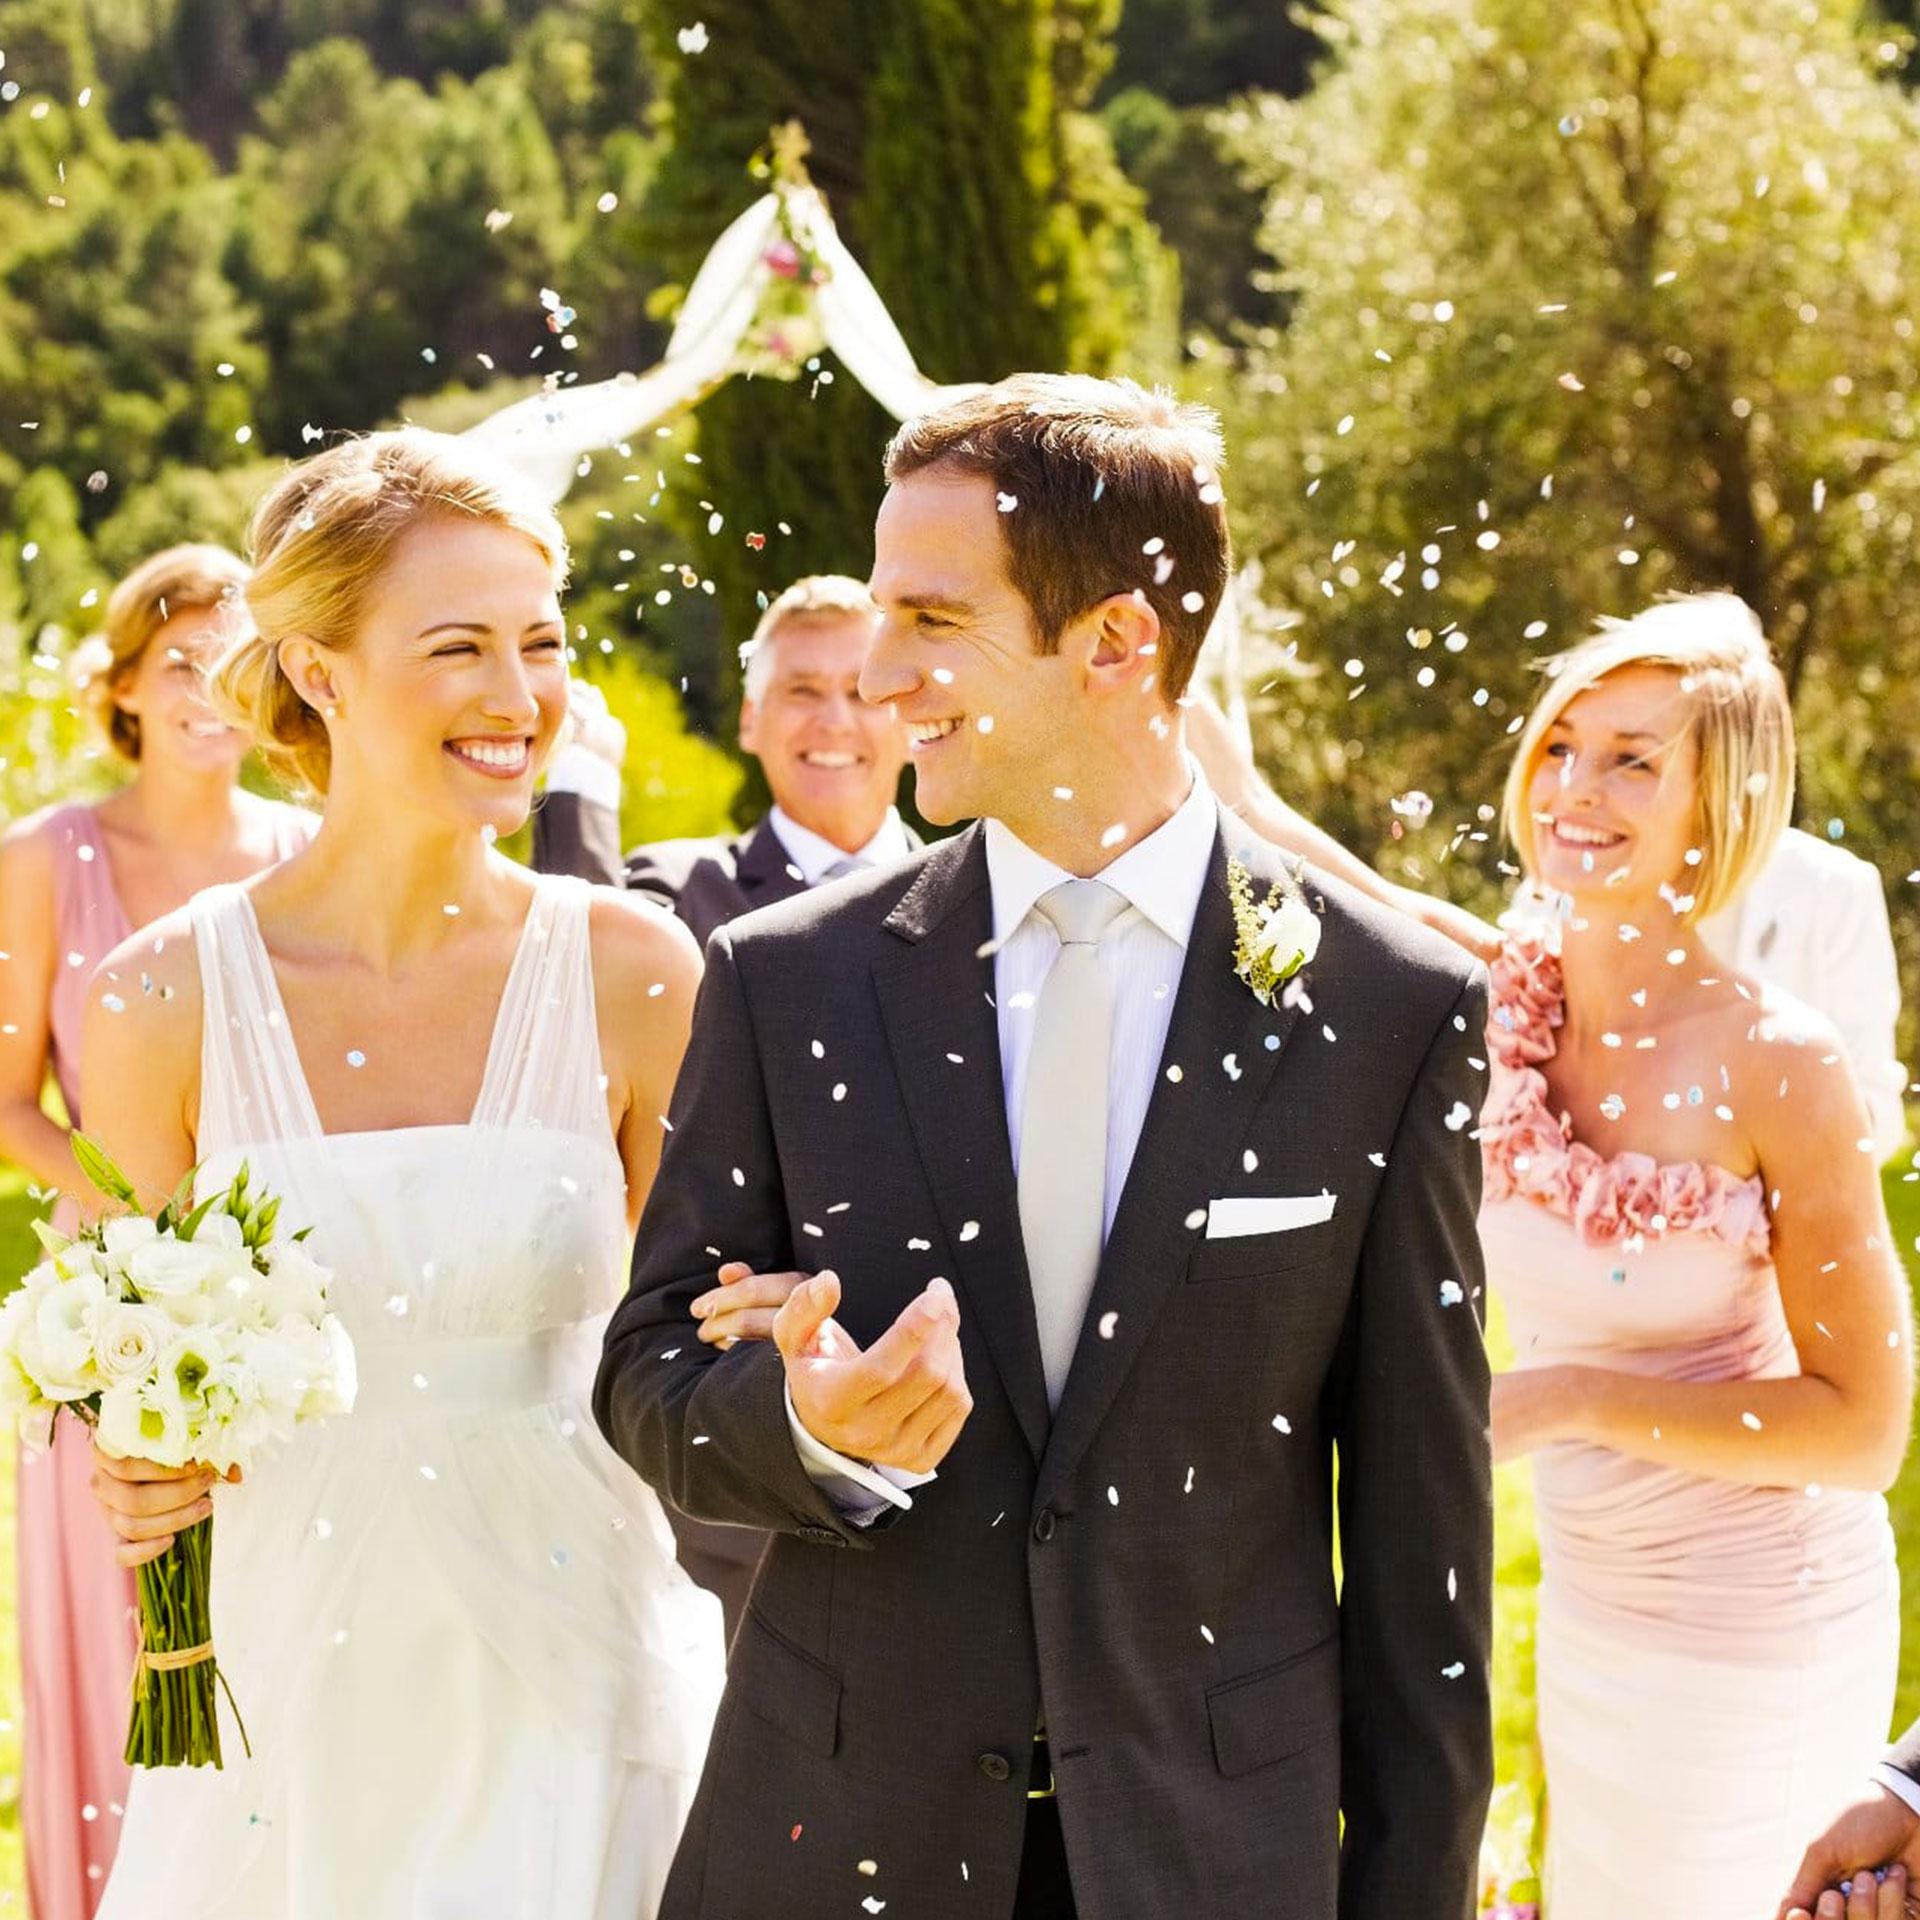 Sterenn-ceremonie-laique-maries